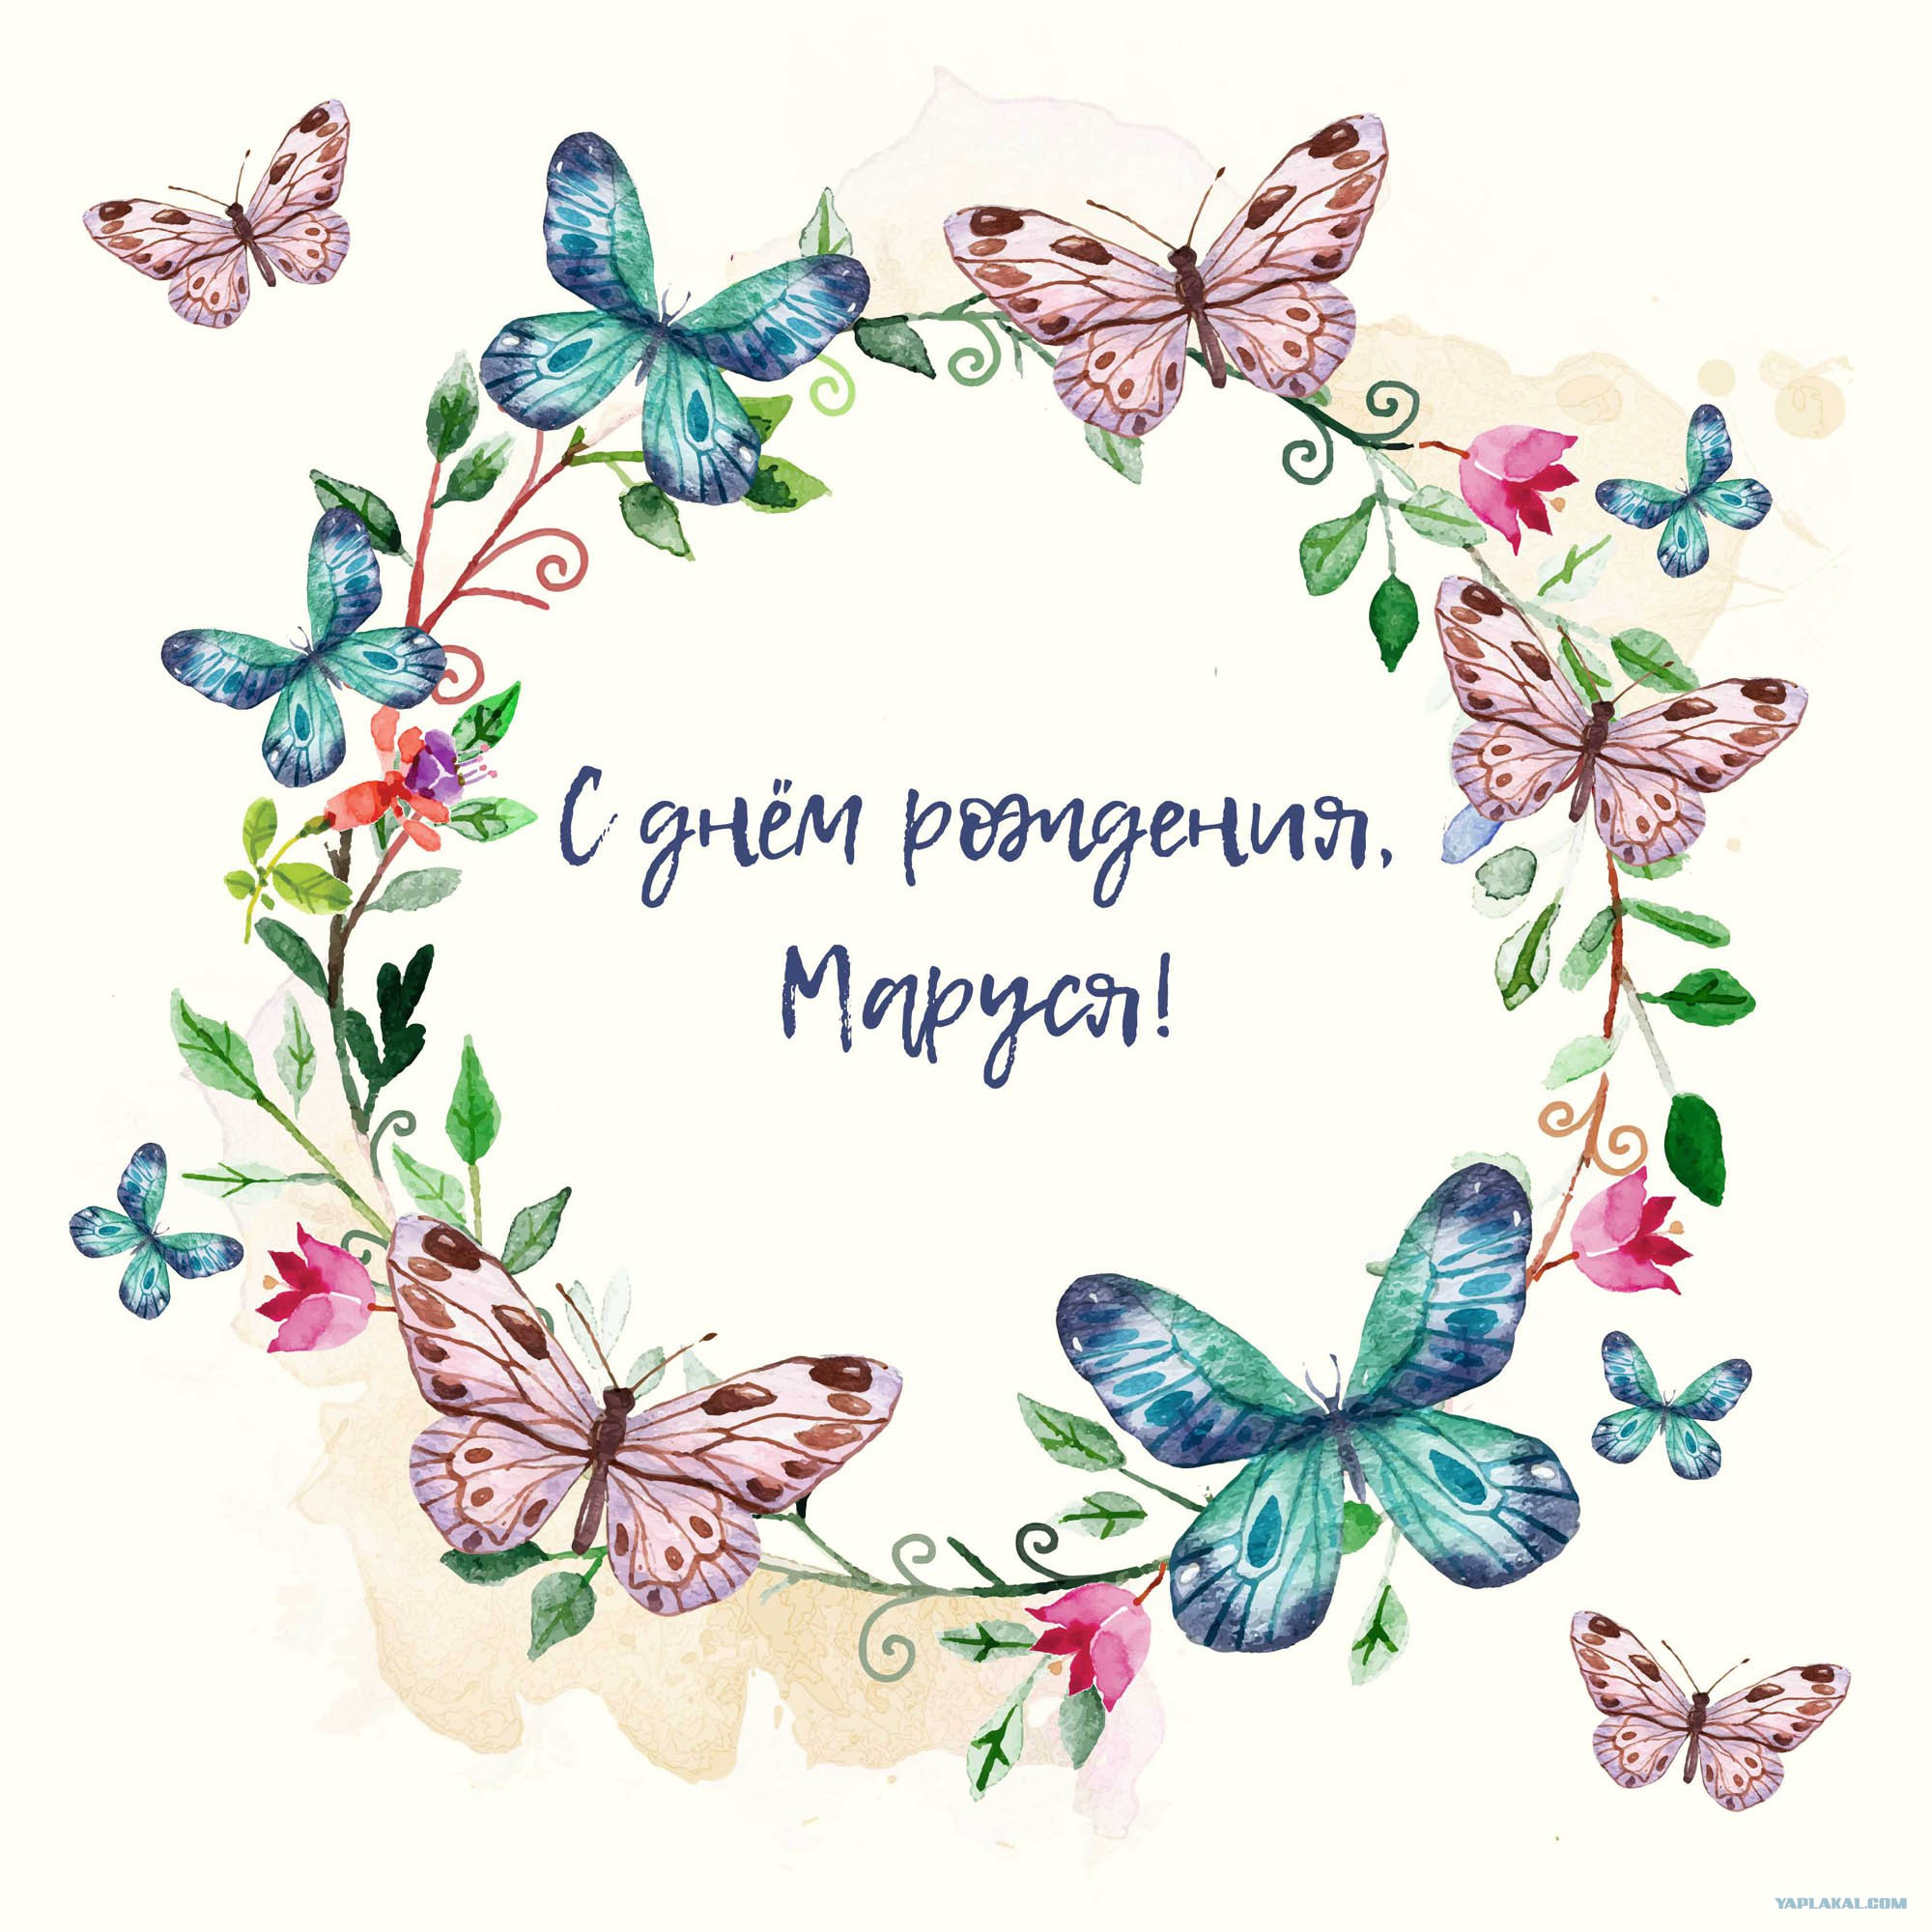 Поздравление с днем рождения марусь